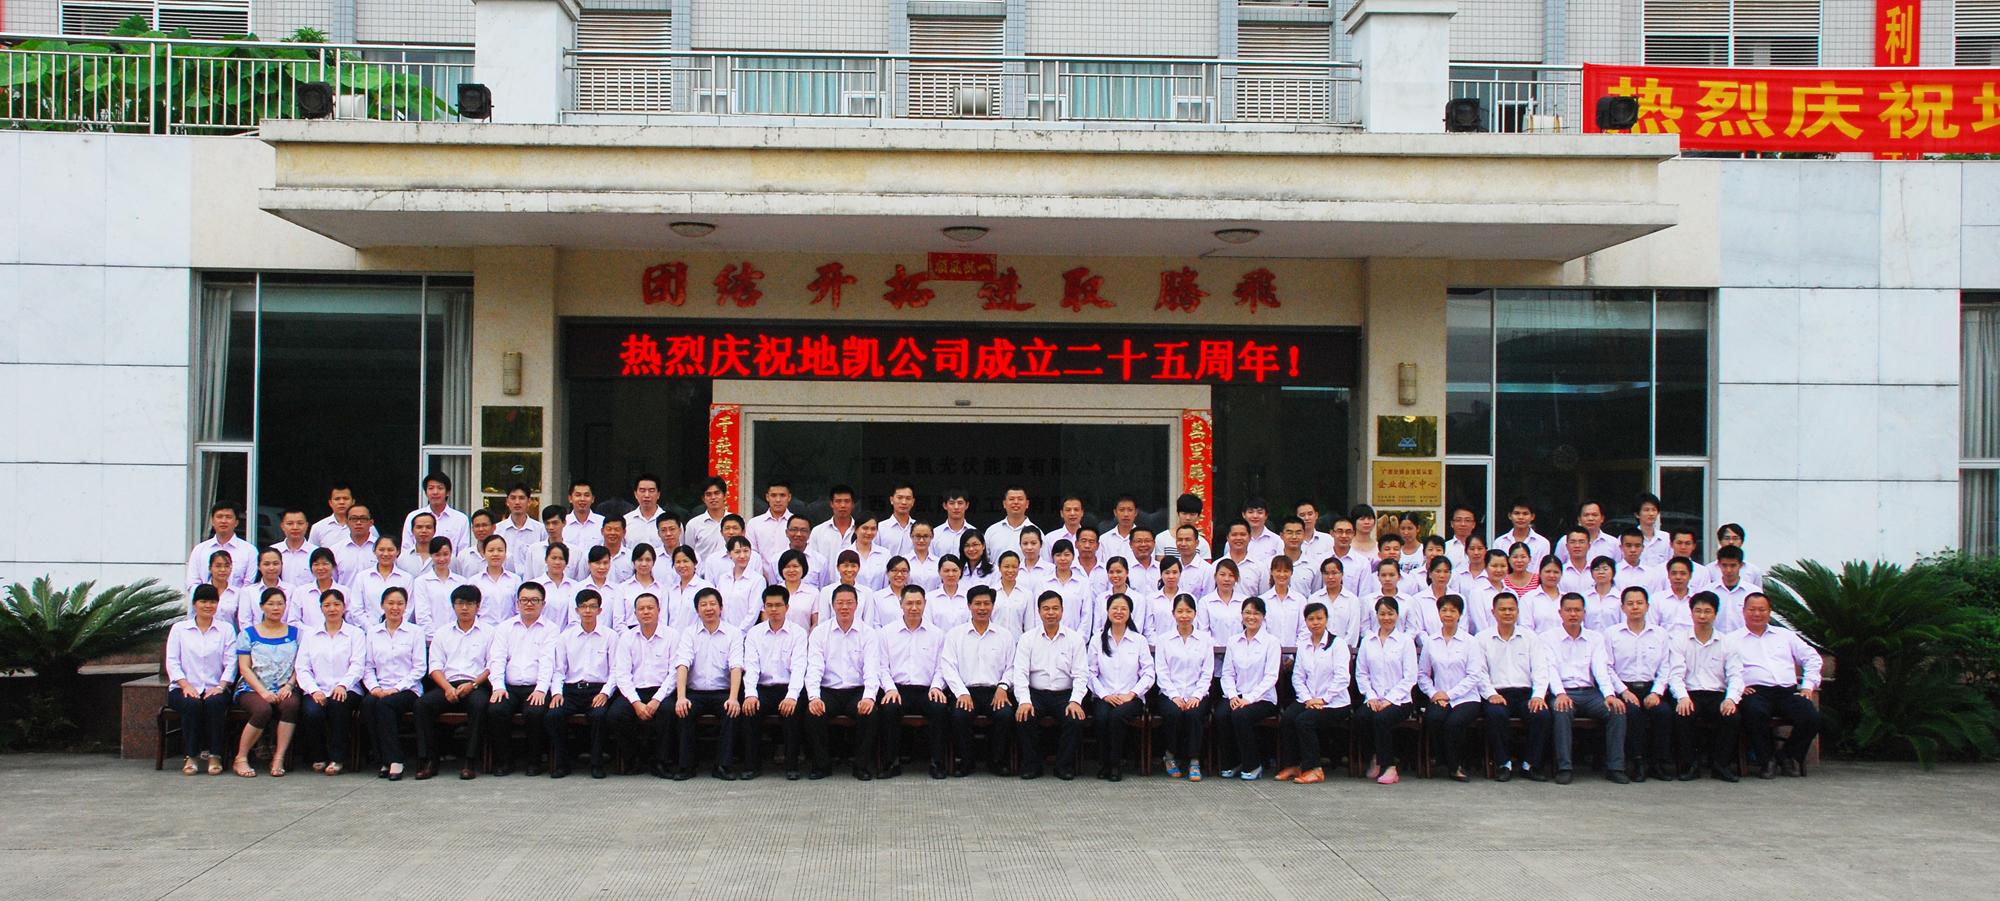 2014年地凯公司成立二十五周年